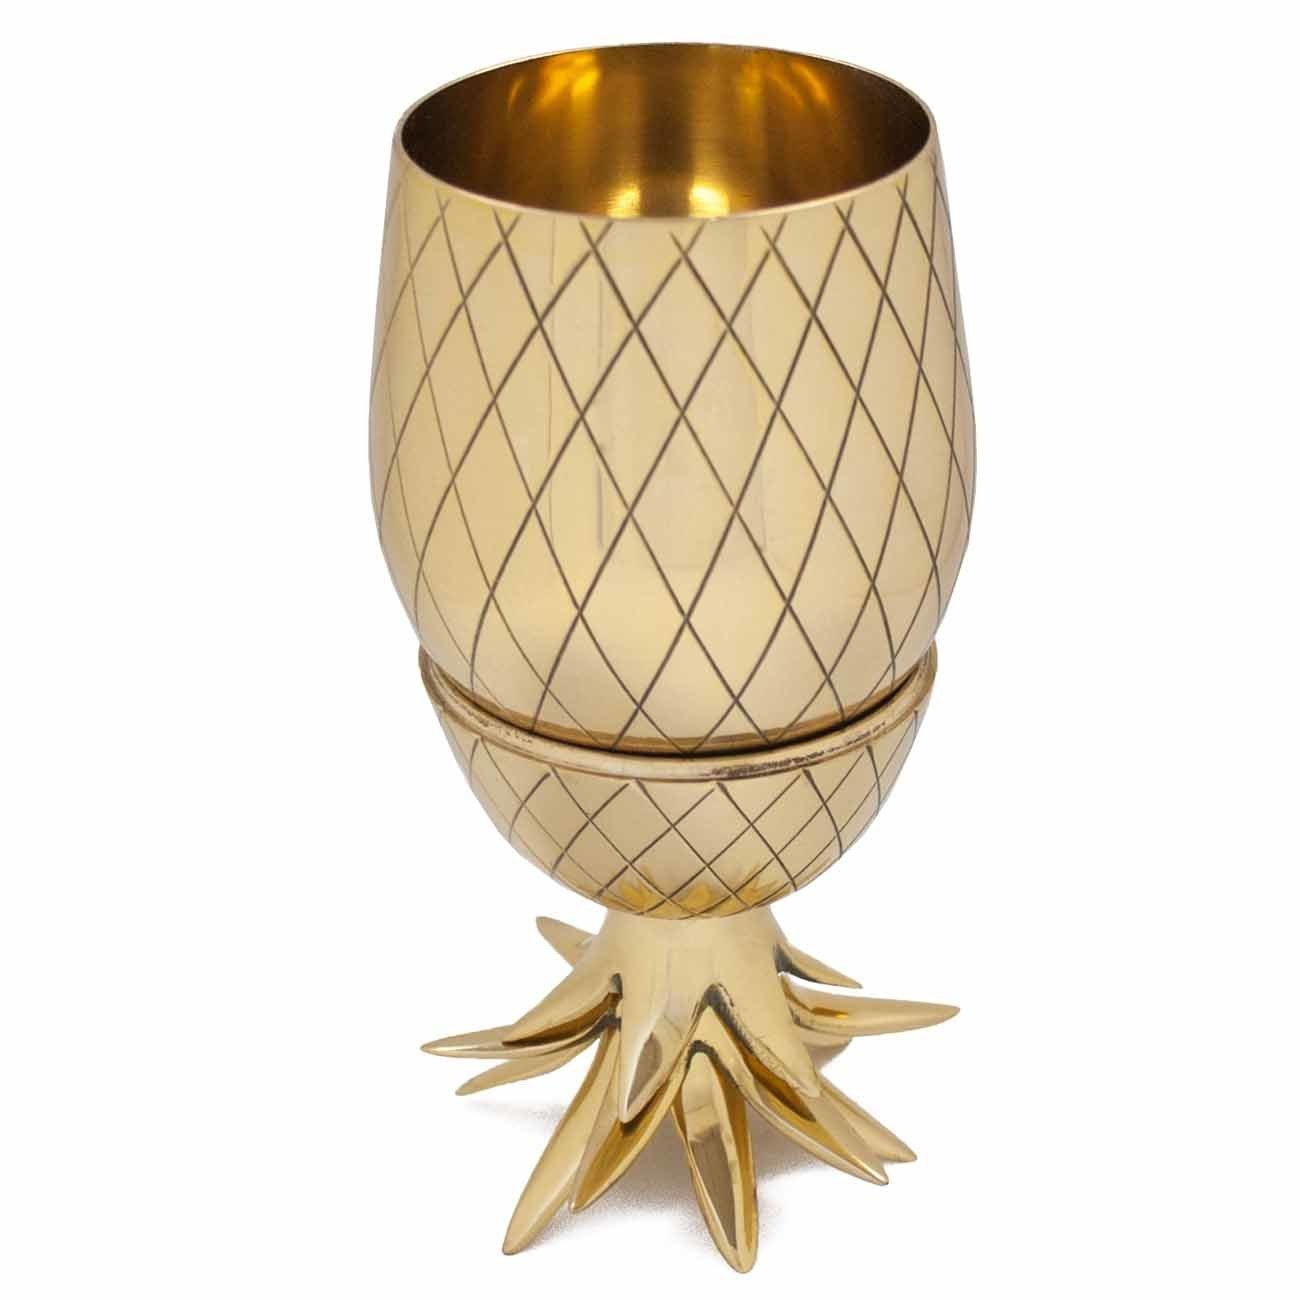 desiary Dekoratives Cocktailglas Ananas mit Strohhalm nicht sp/ülmaschinengeeignet goldfarben gold